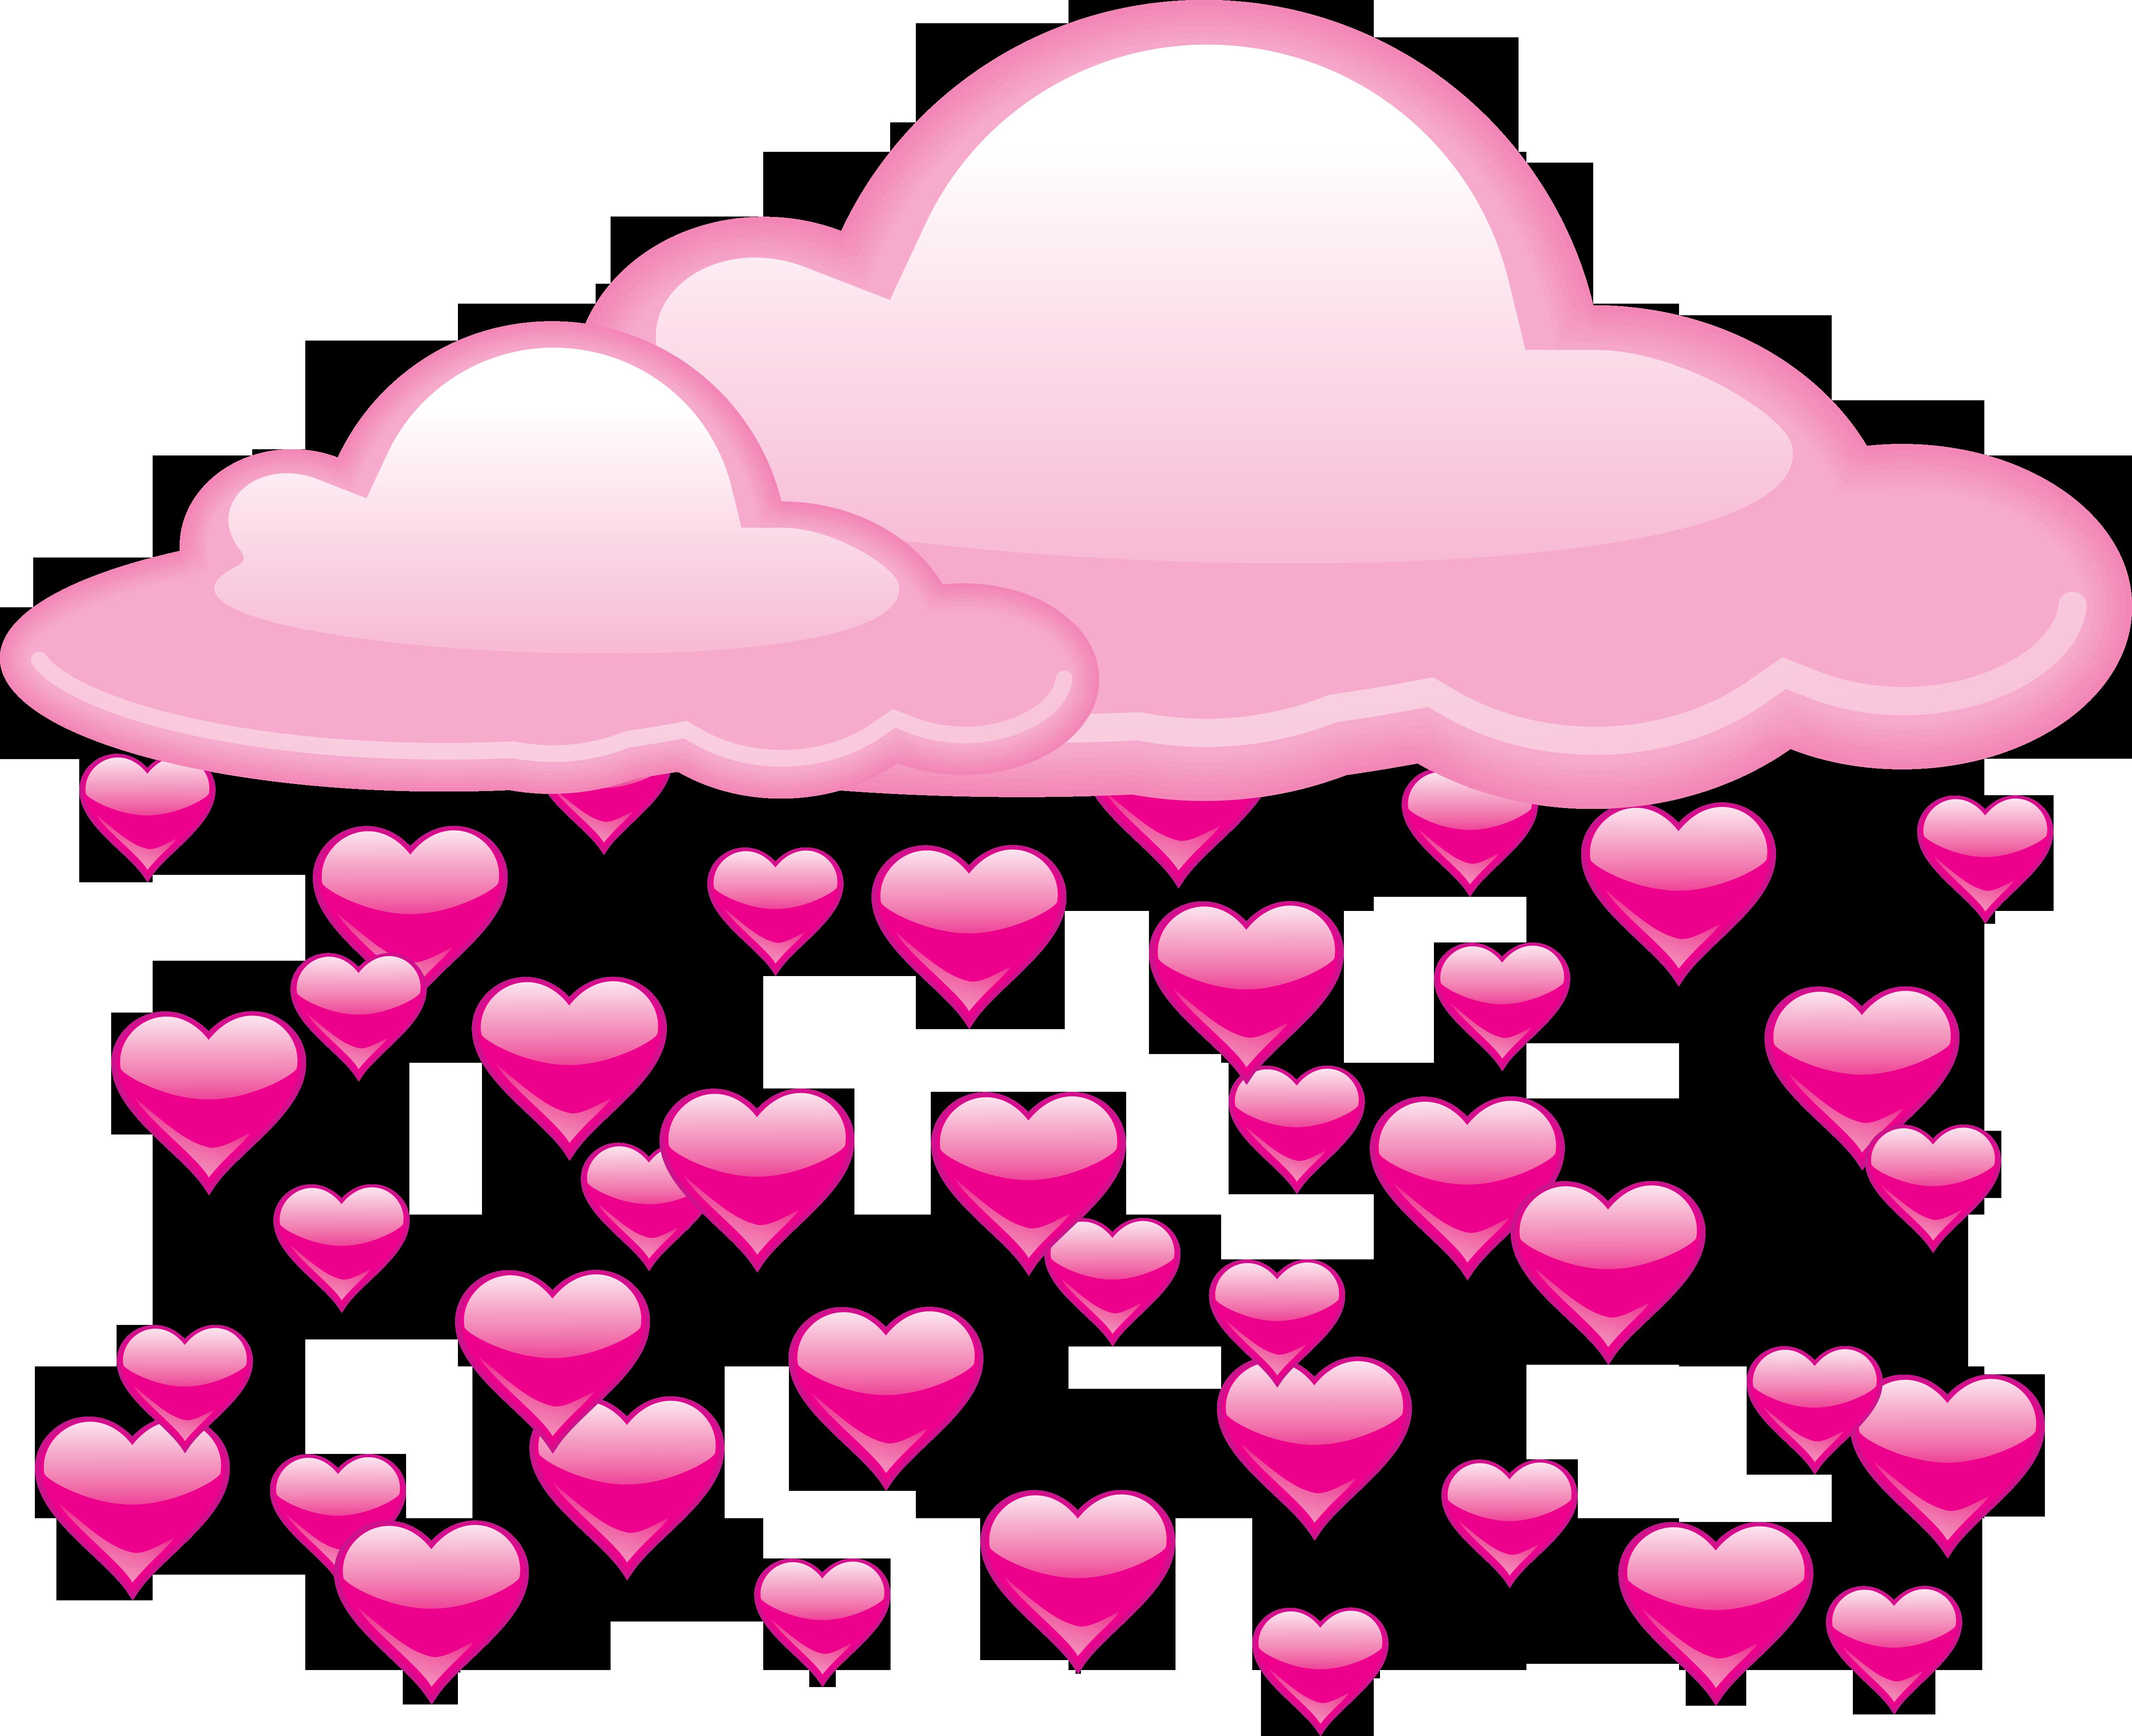 Hearts clipart rain. Love heart clip art